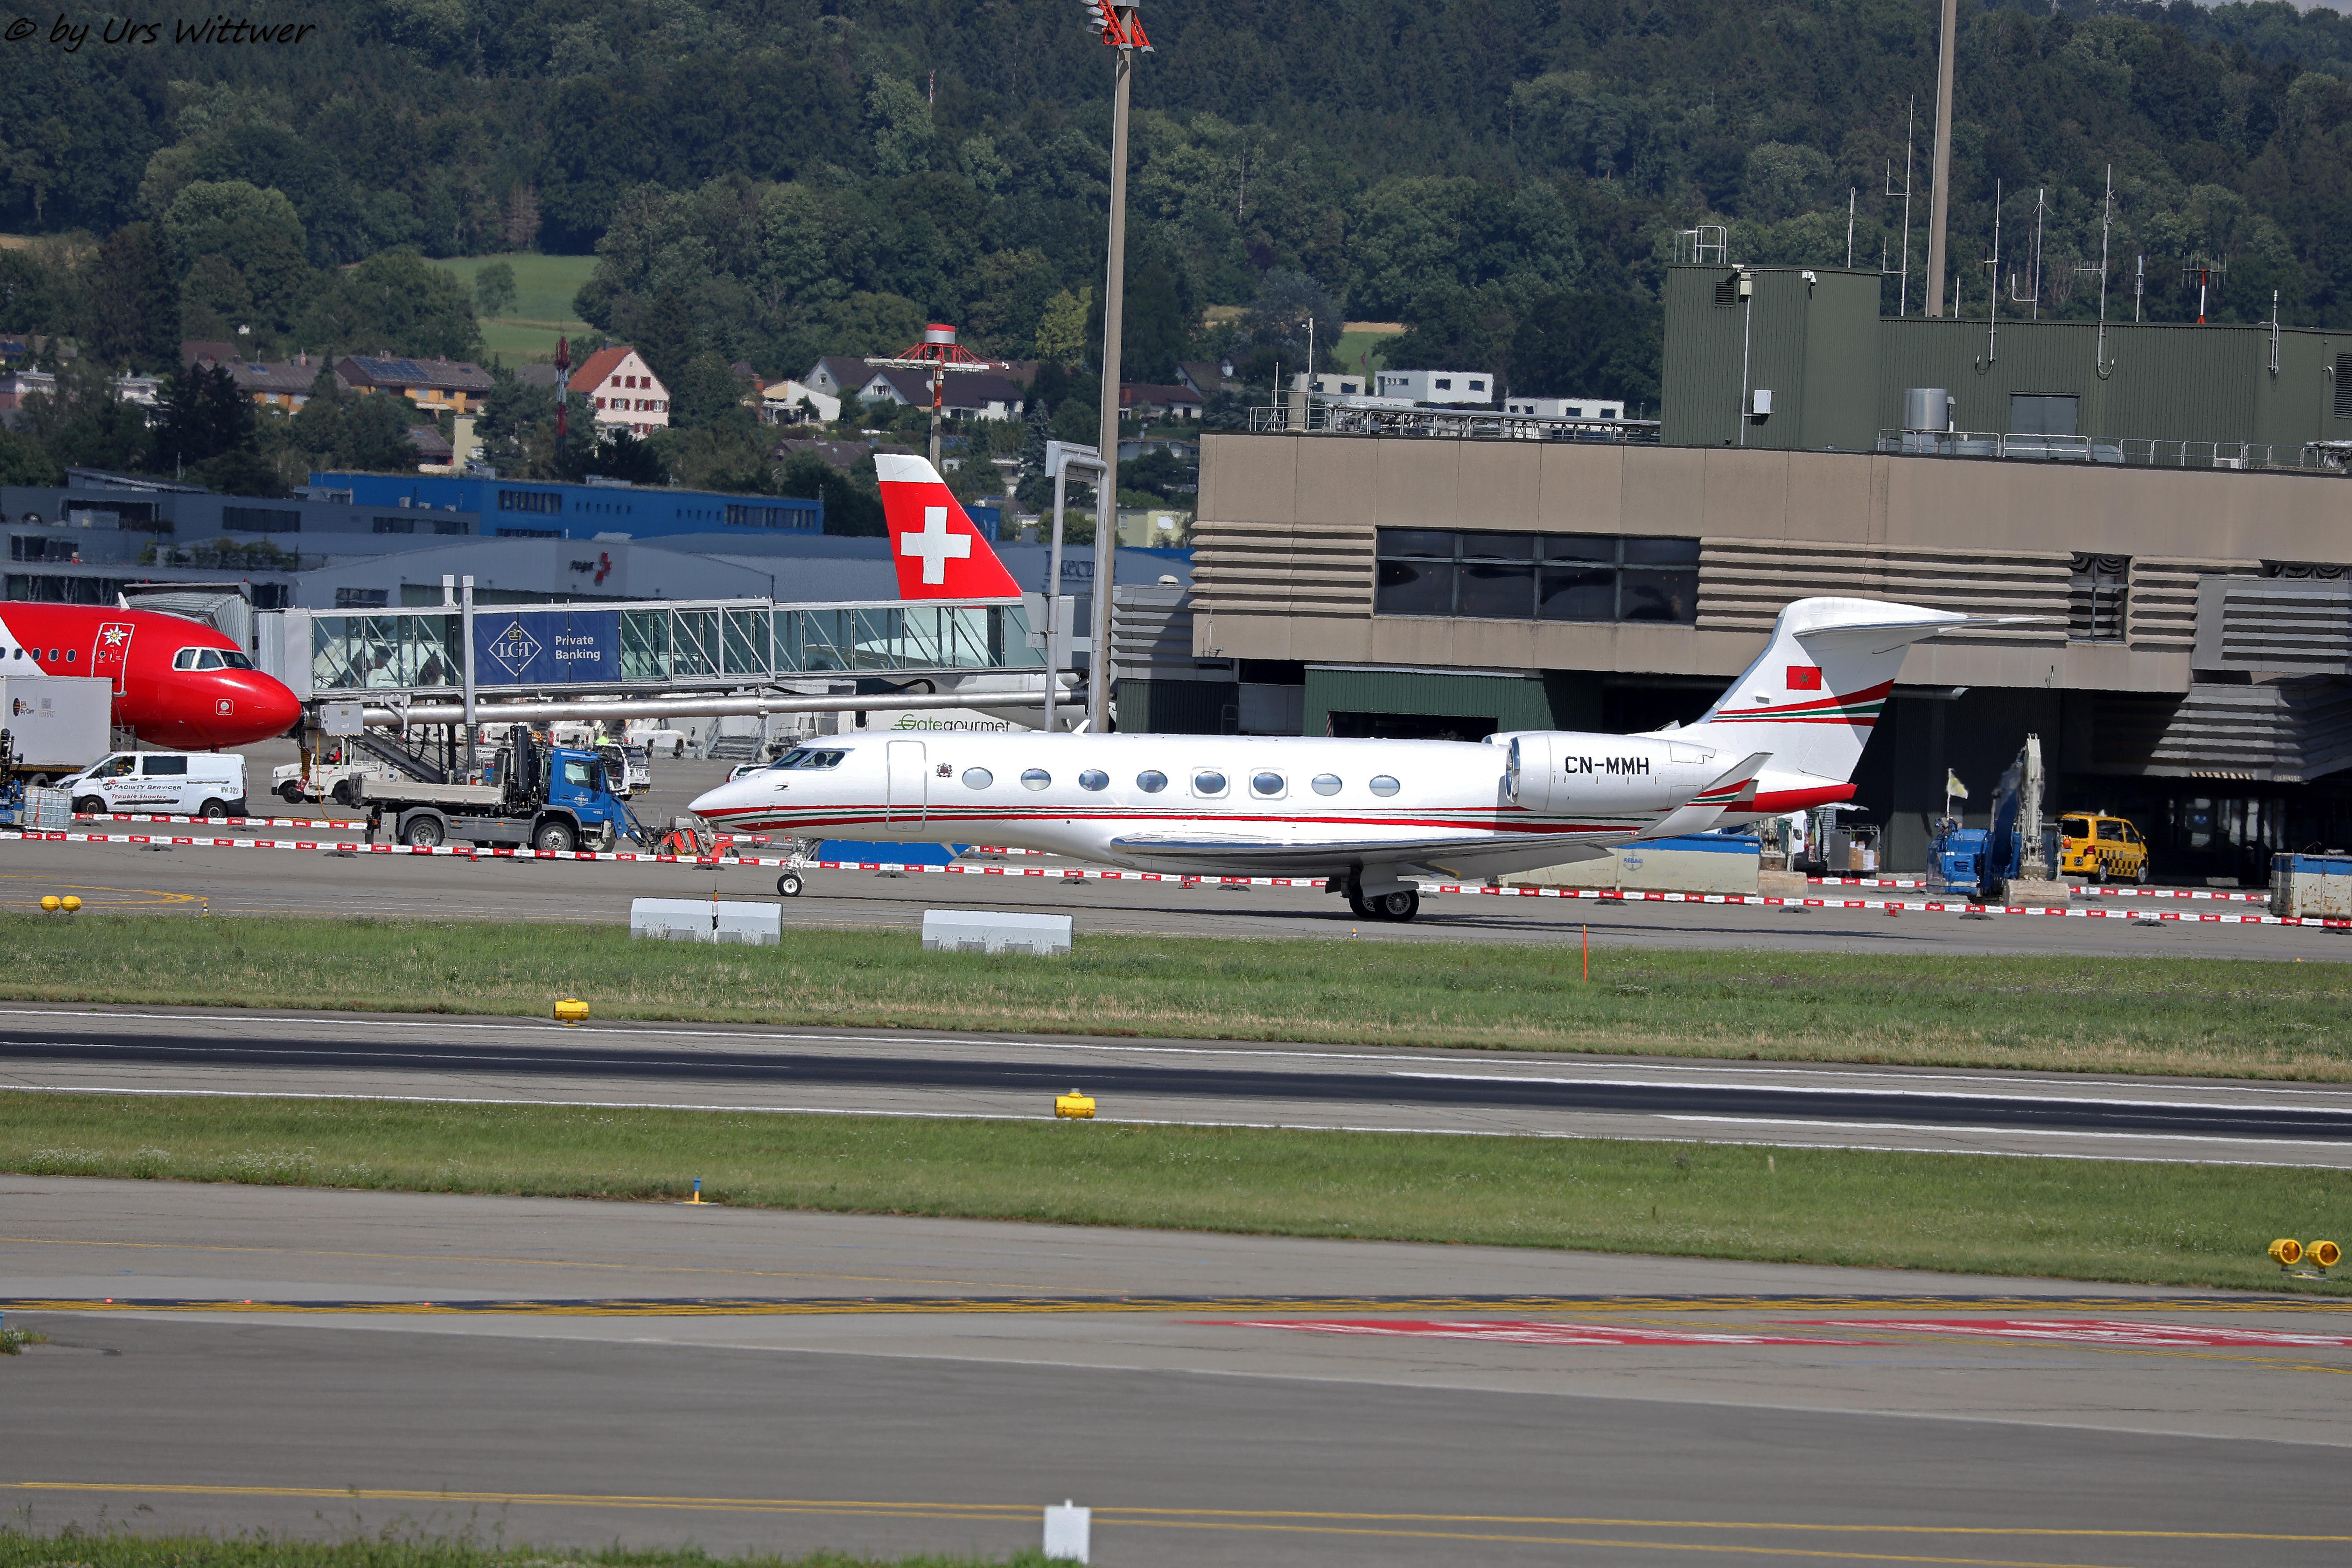 FRA: Avions VIP, Liaison & ECM - Page 23 48447822527_5414032d26_o